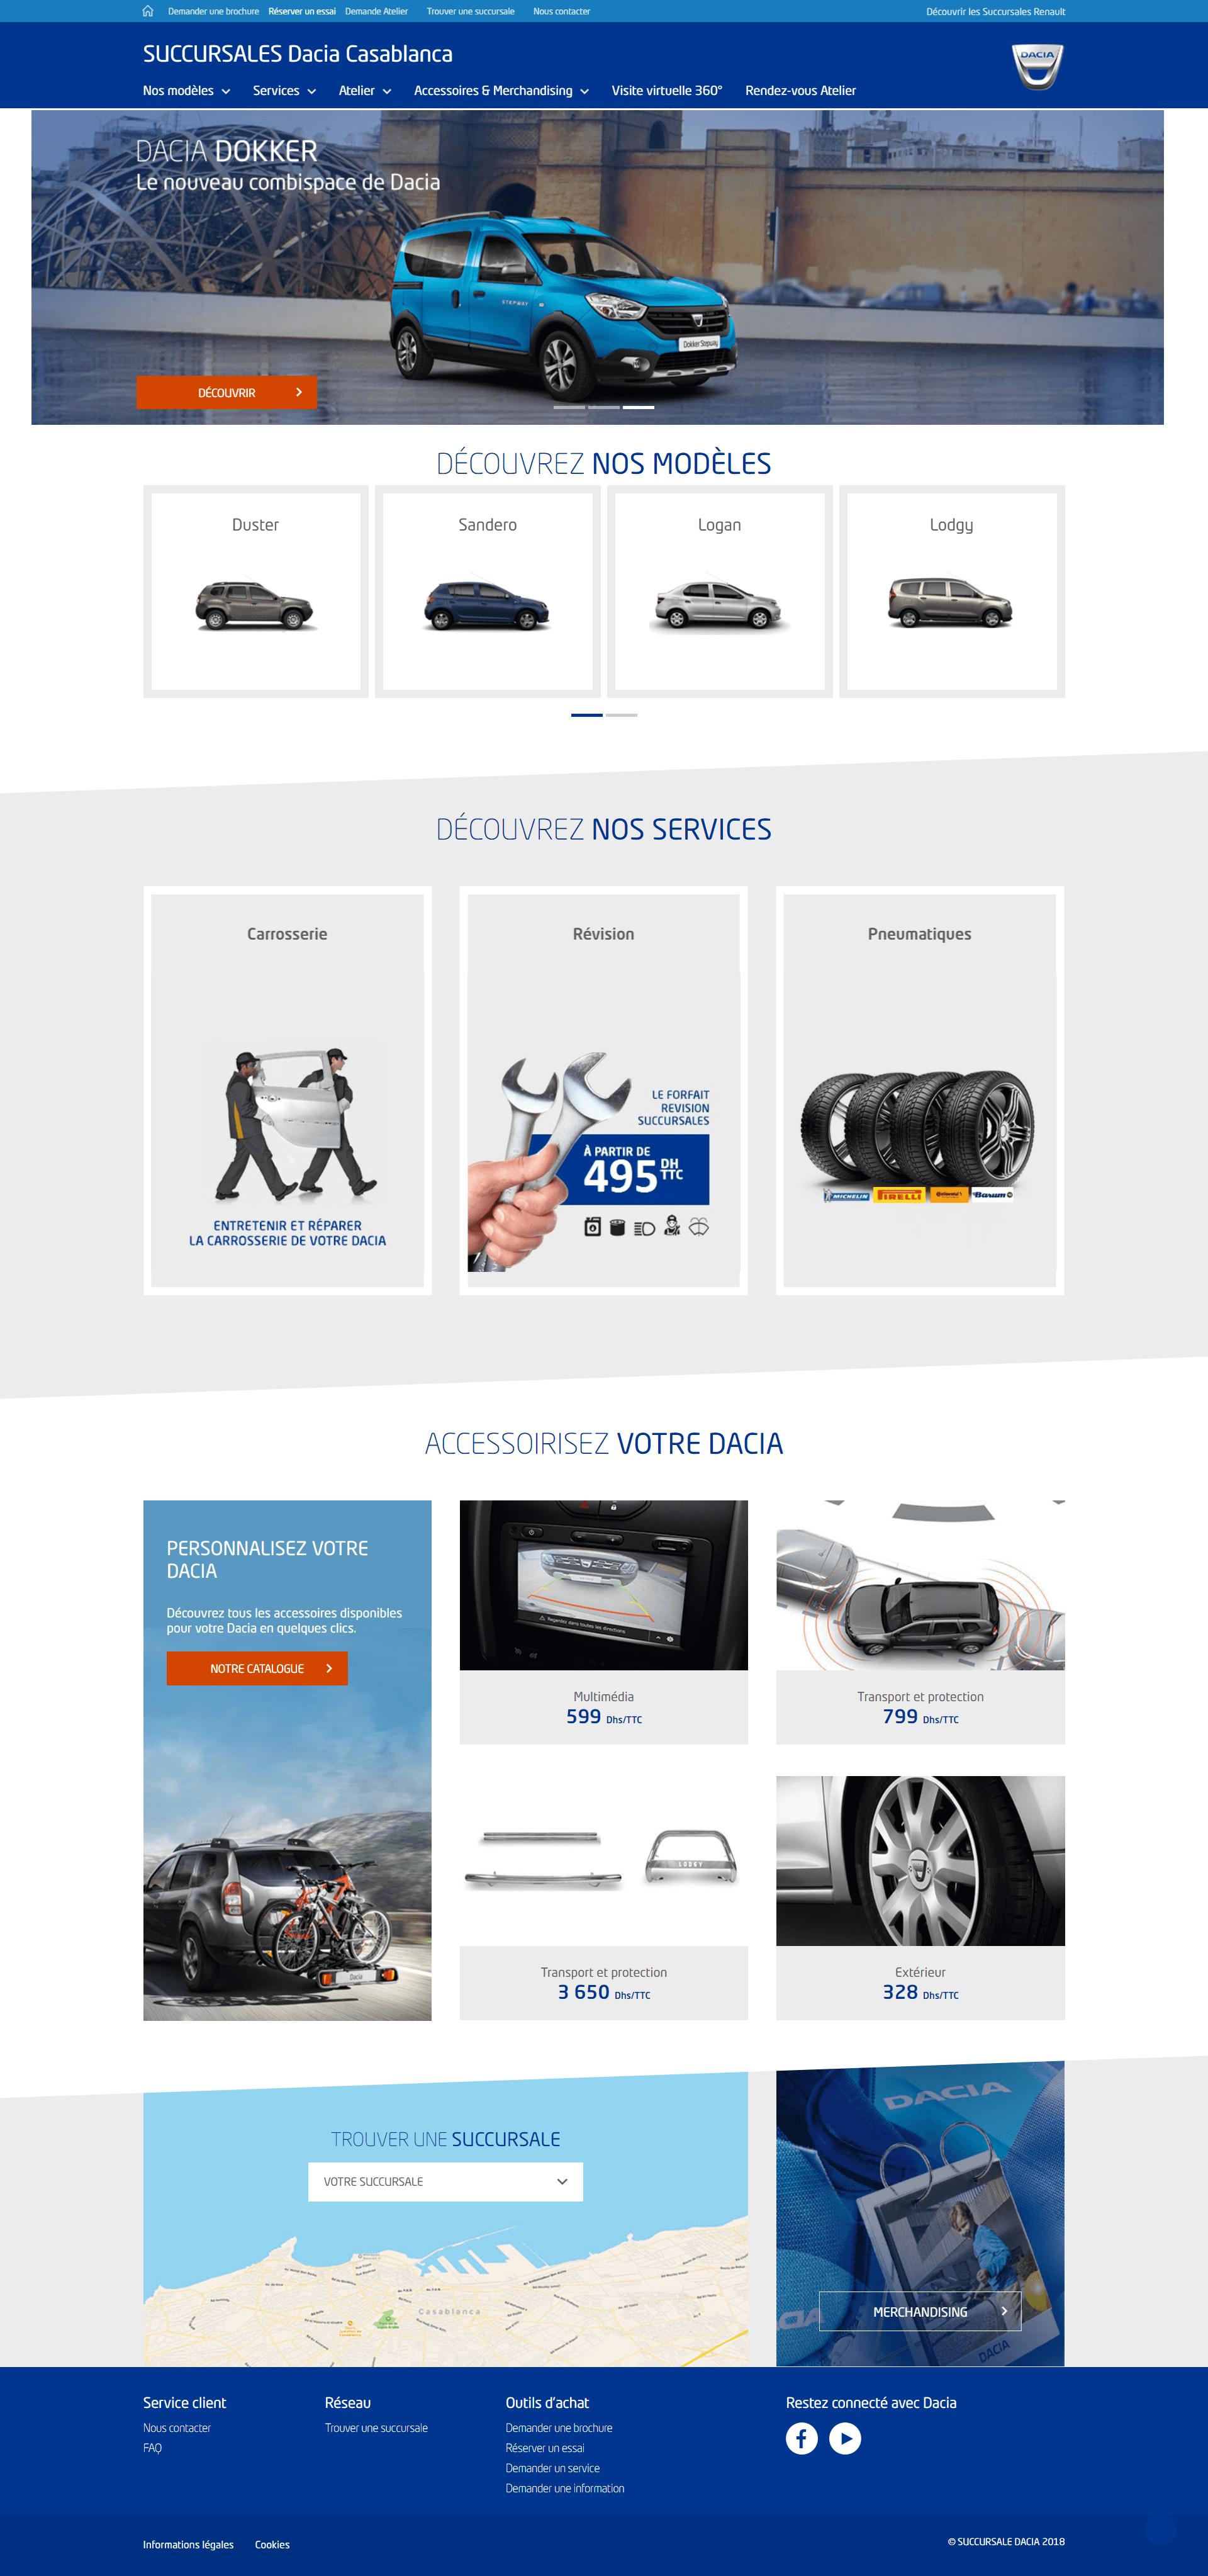 succursale-Dacia-ma-site